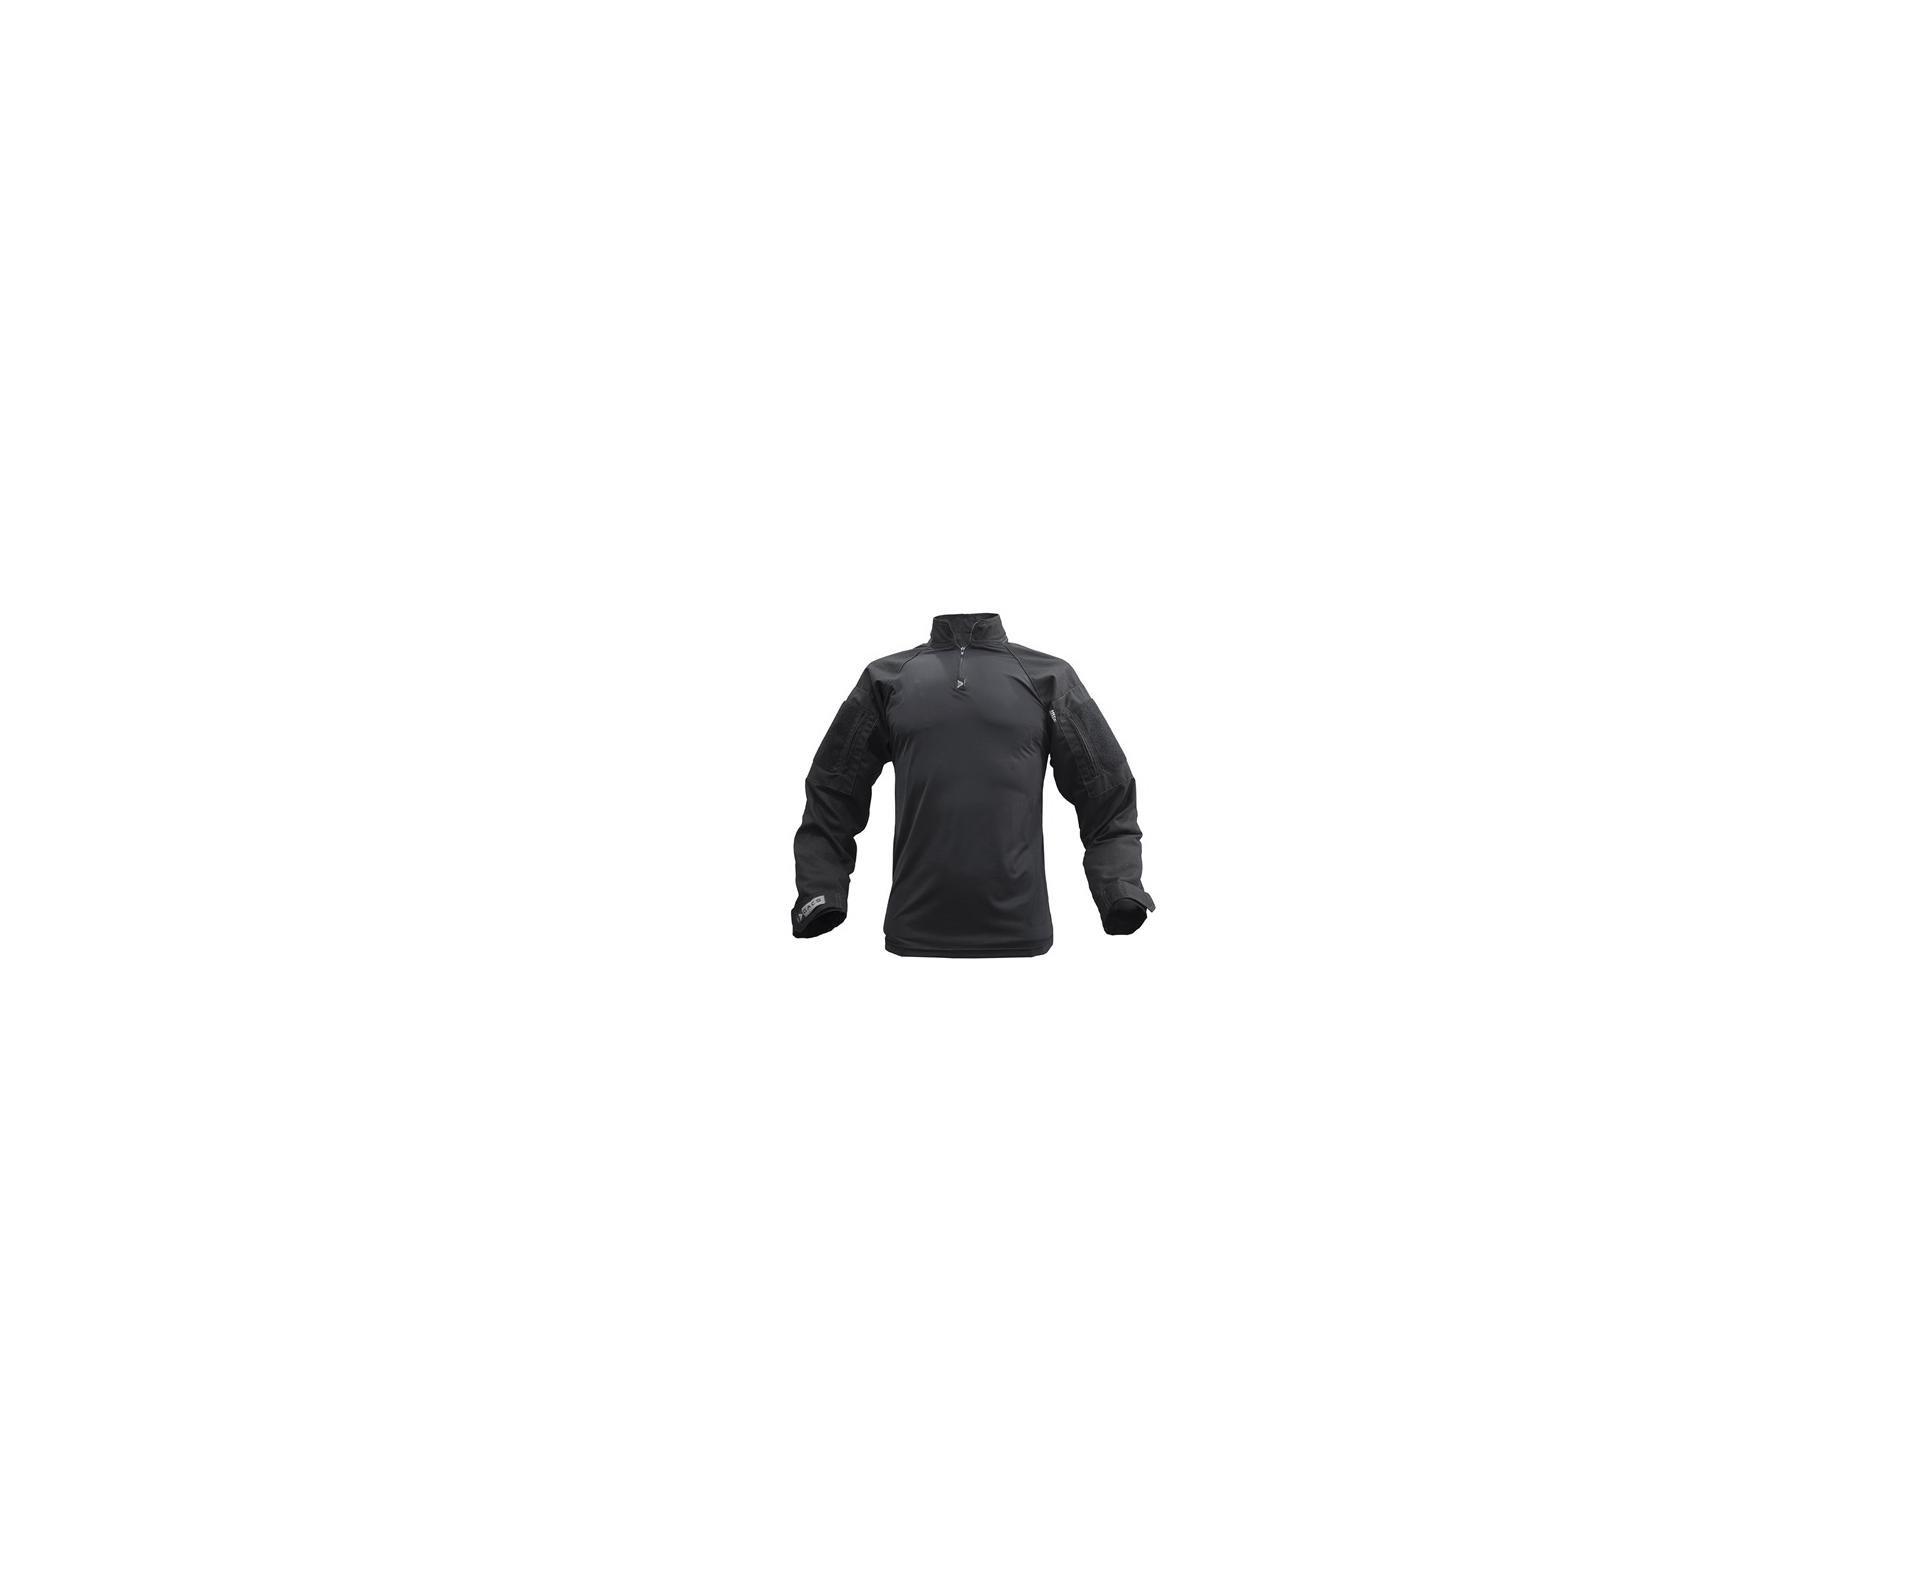 Camisa Tatica Combat Shirt Dacs - Preto